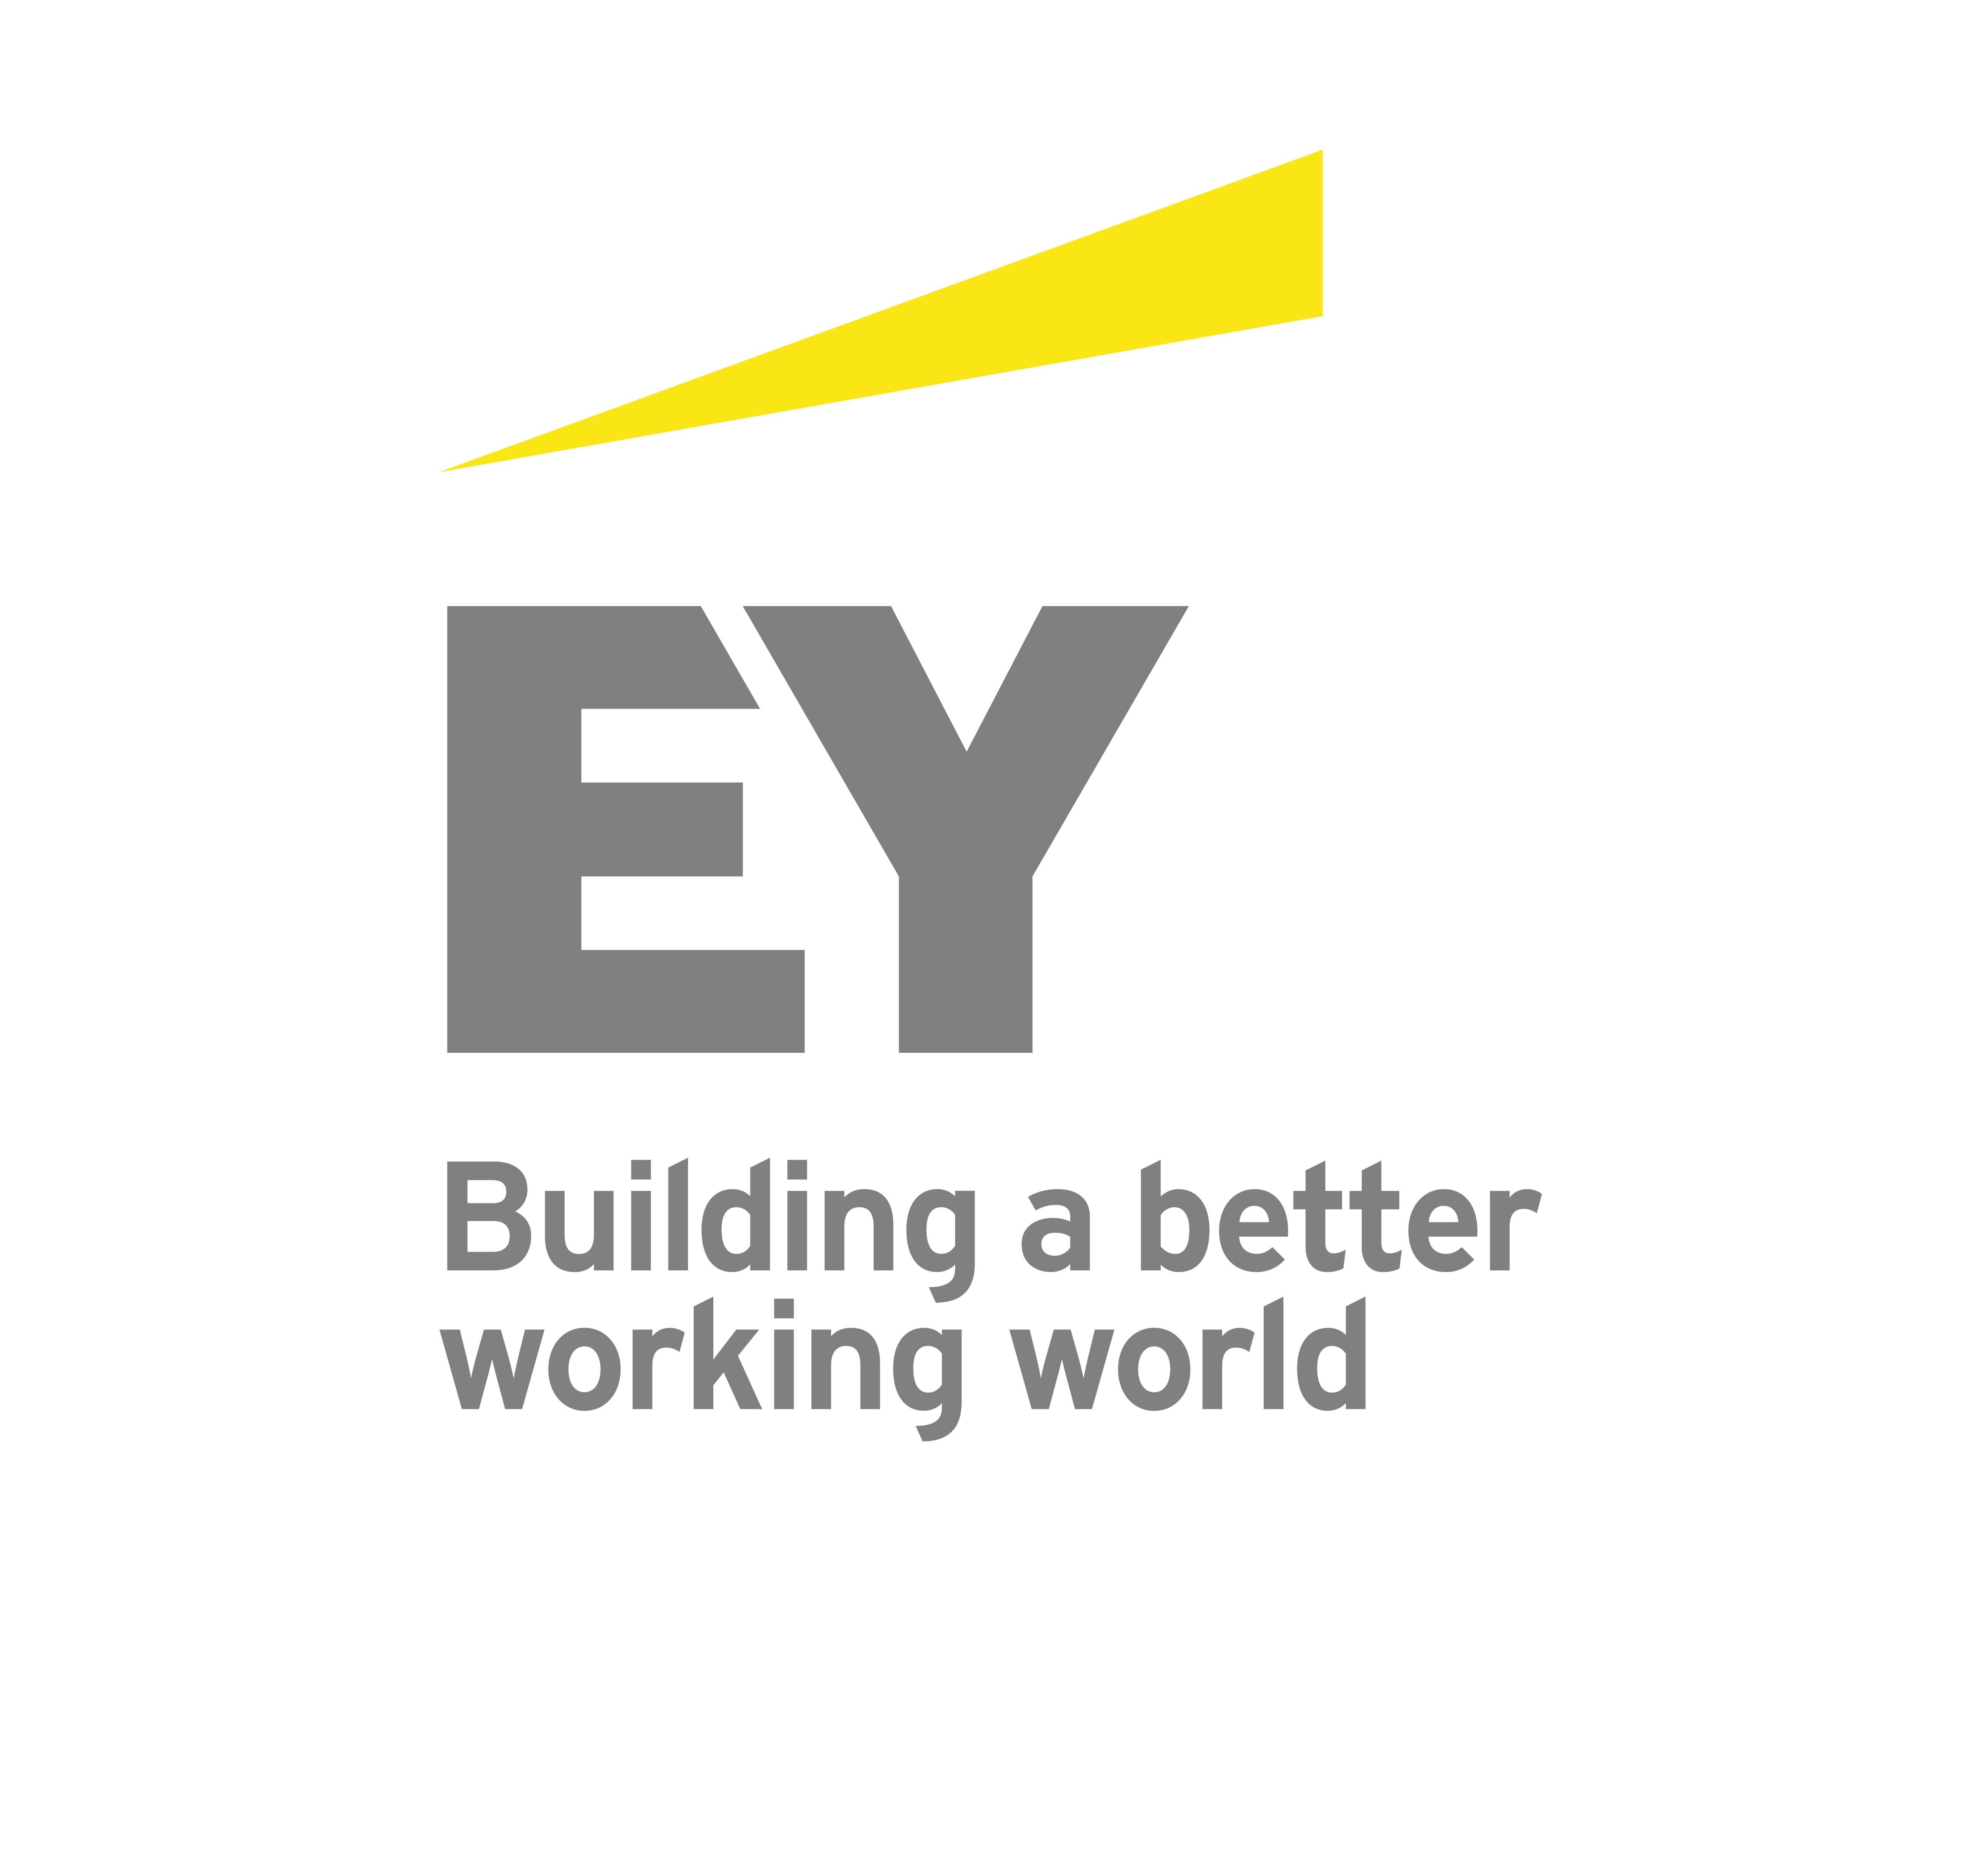 Ernst & Young ShinNihon LLC